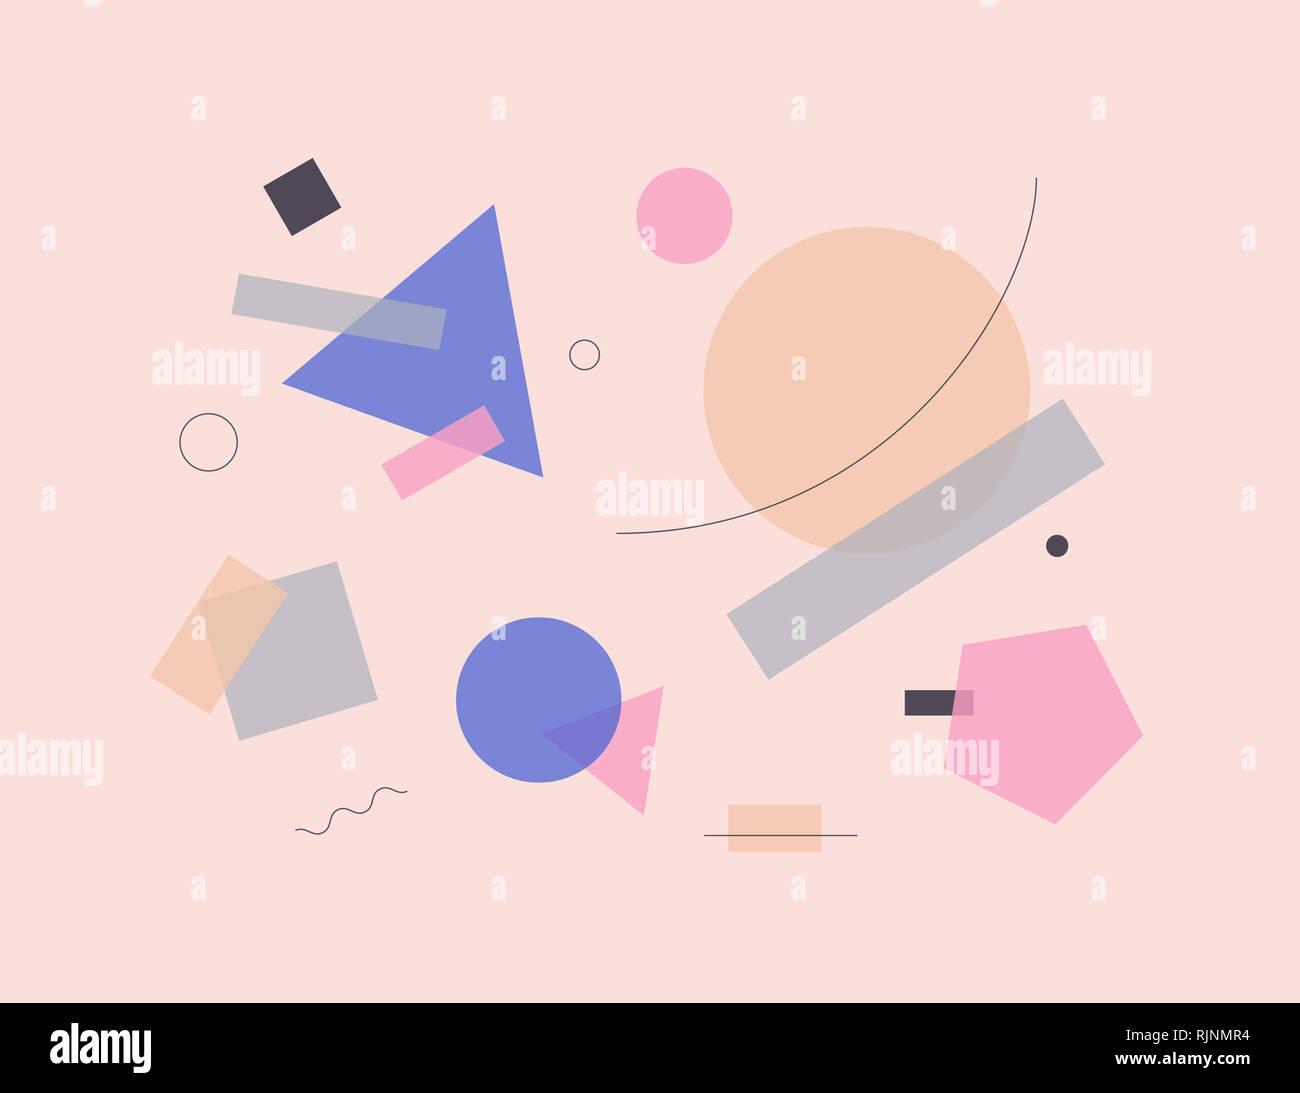 Style design Bauhaus art de la composition. Abstract illustration avec des formes géométriques simples et minimalistes. Photo Stock